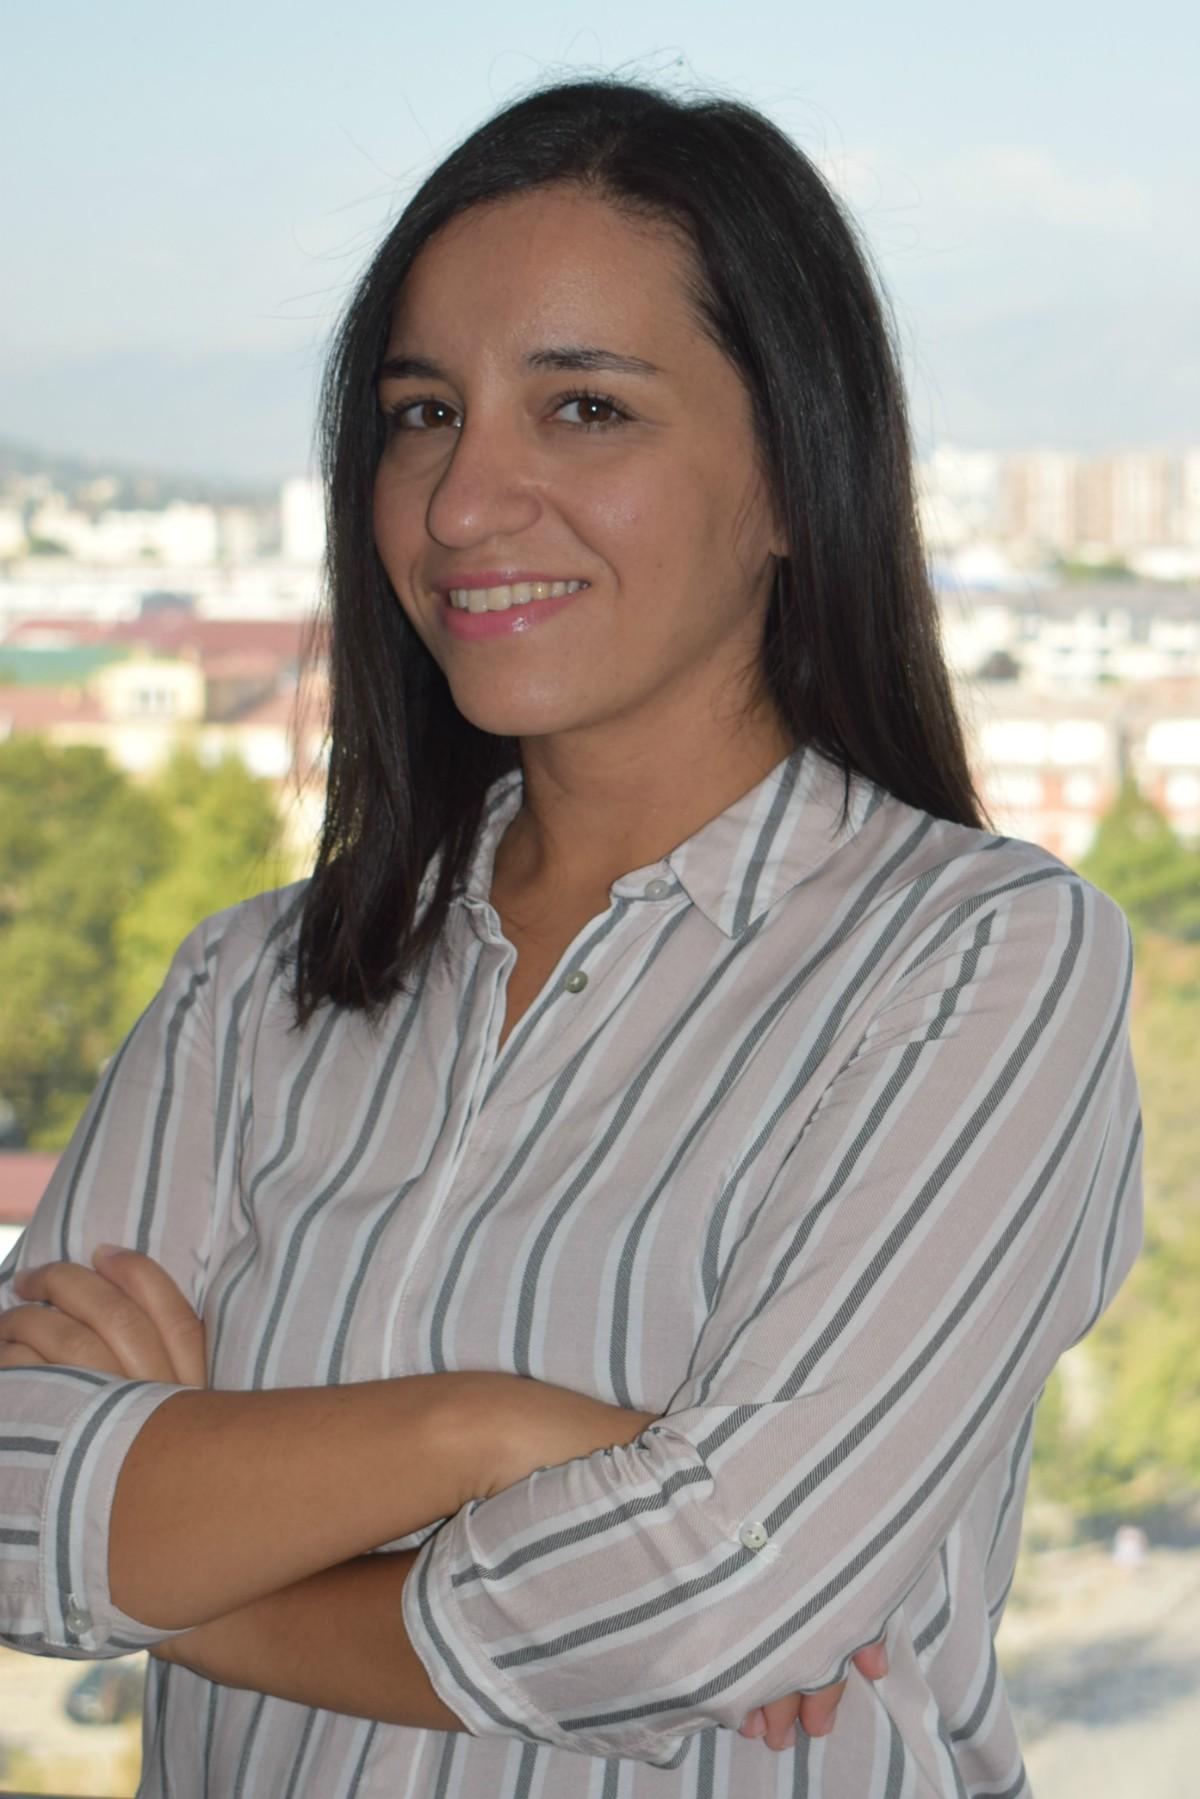 Ivana Temelkova